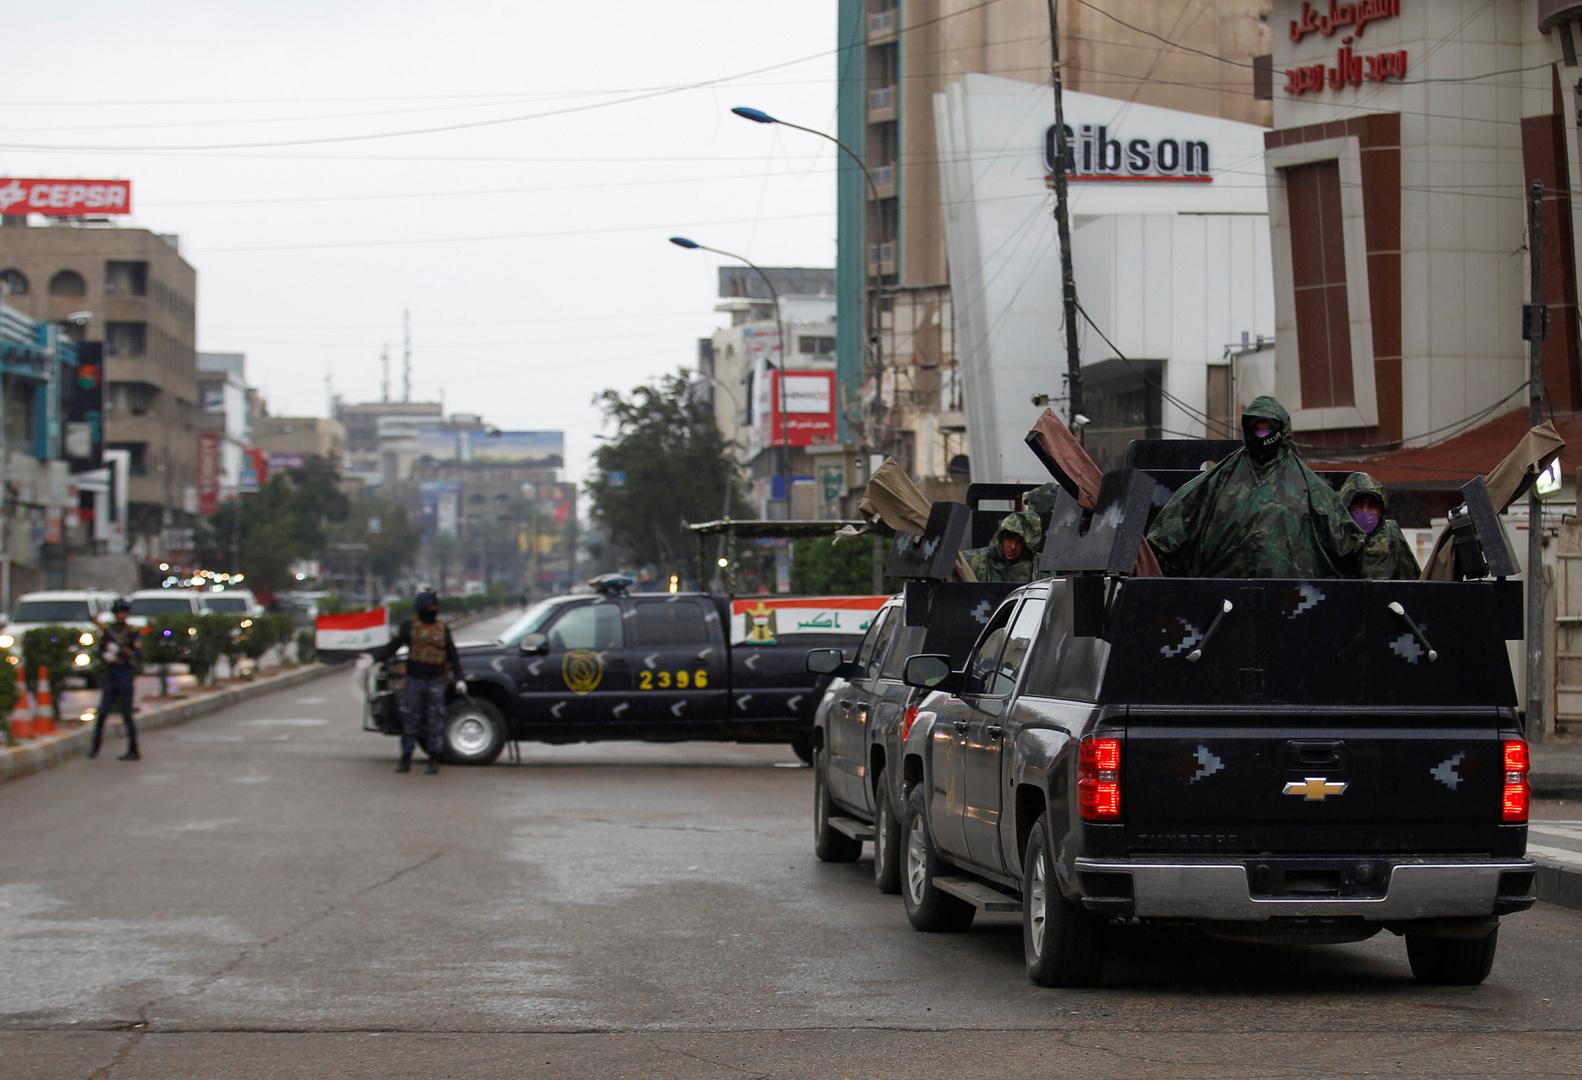 Et irakisk guvernør beslutter at fange alle, der bryder udgangsforbudet